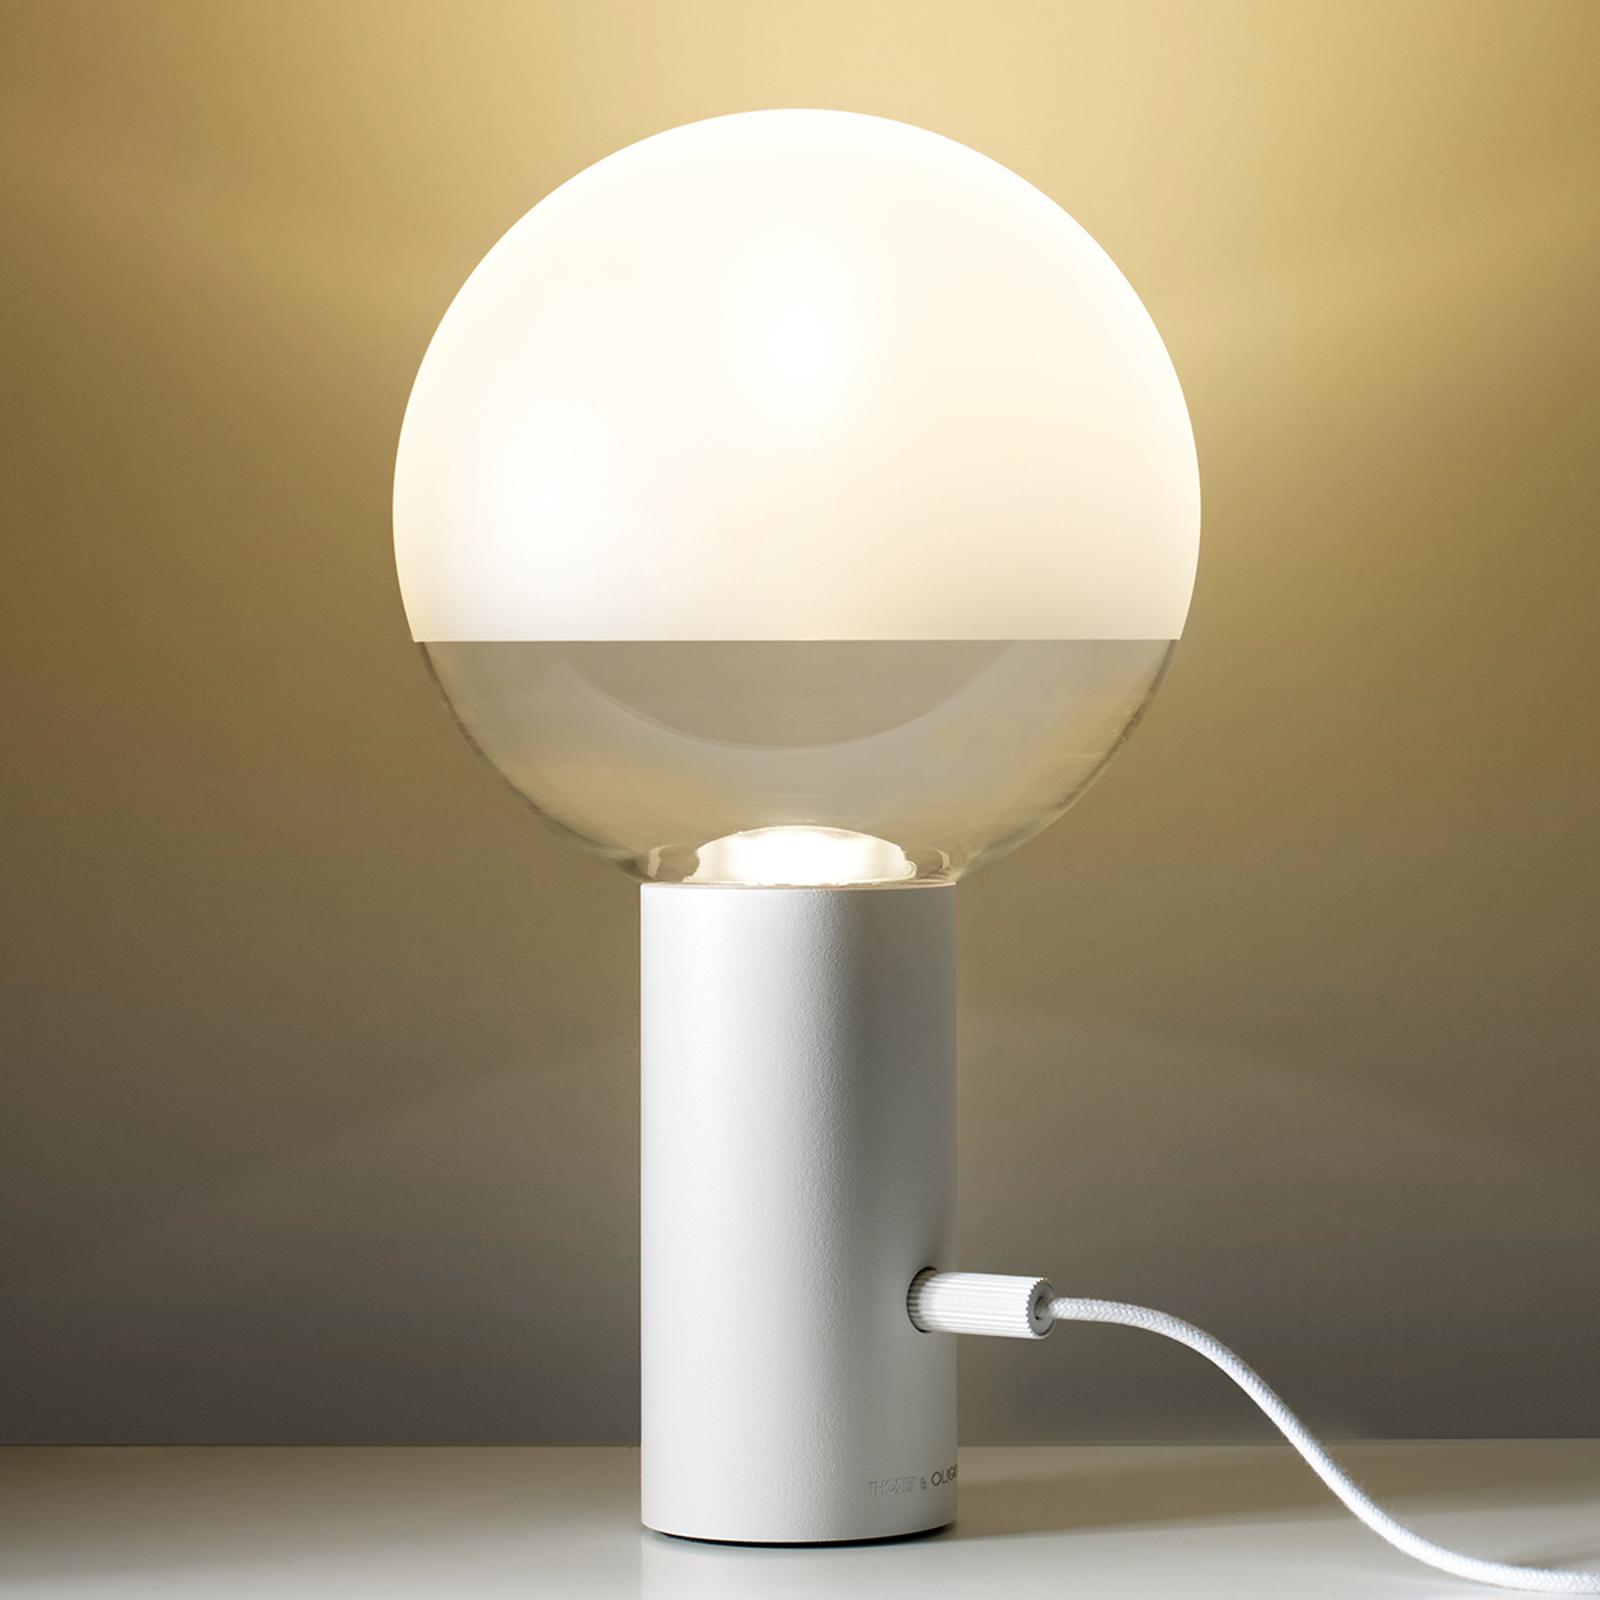 Minimalistinen LED-pöytävalaisin Kuula valkoisena